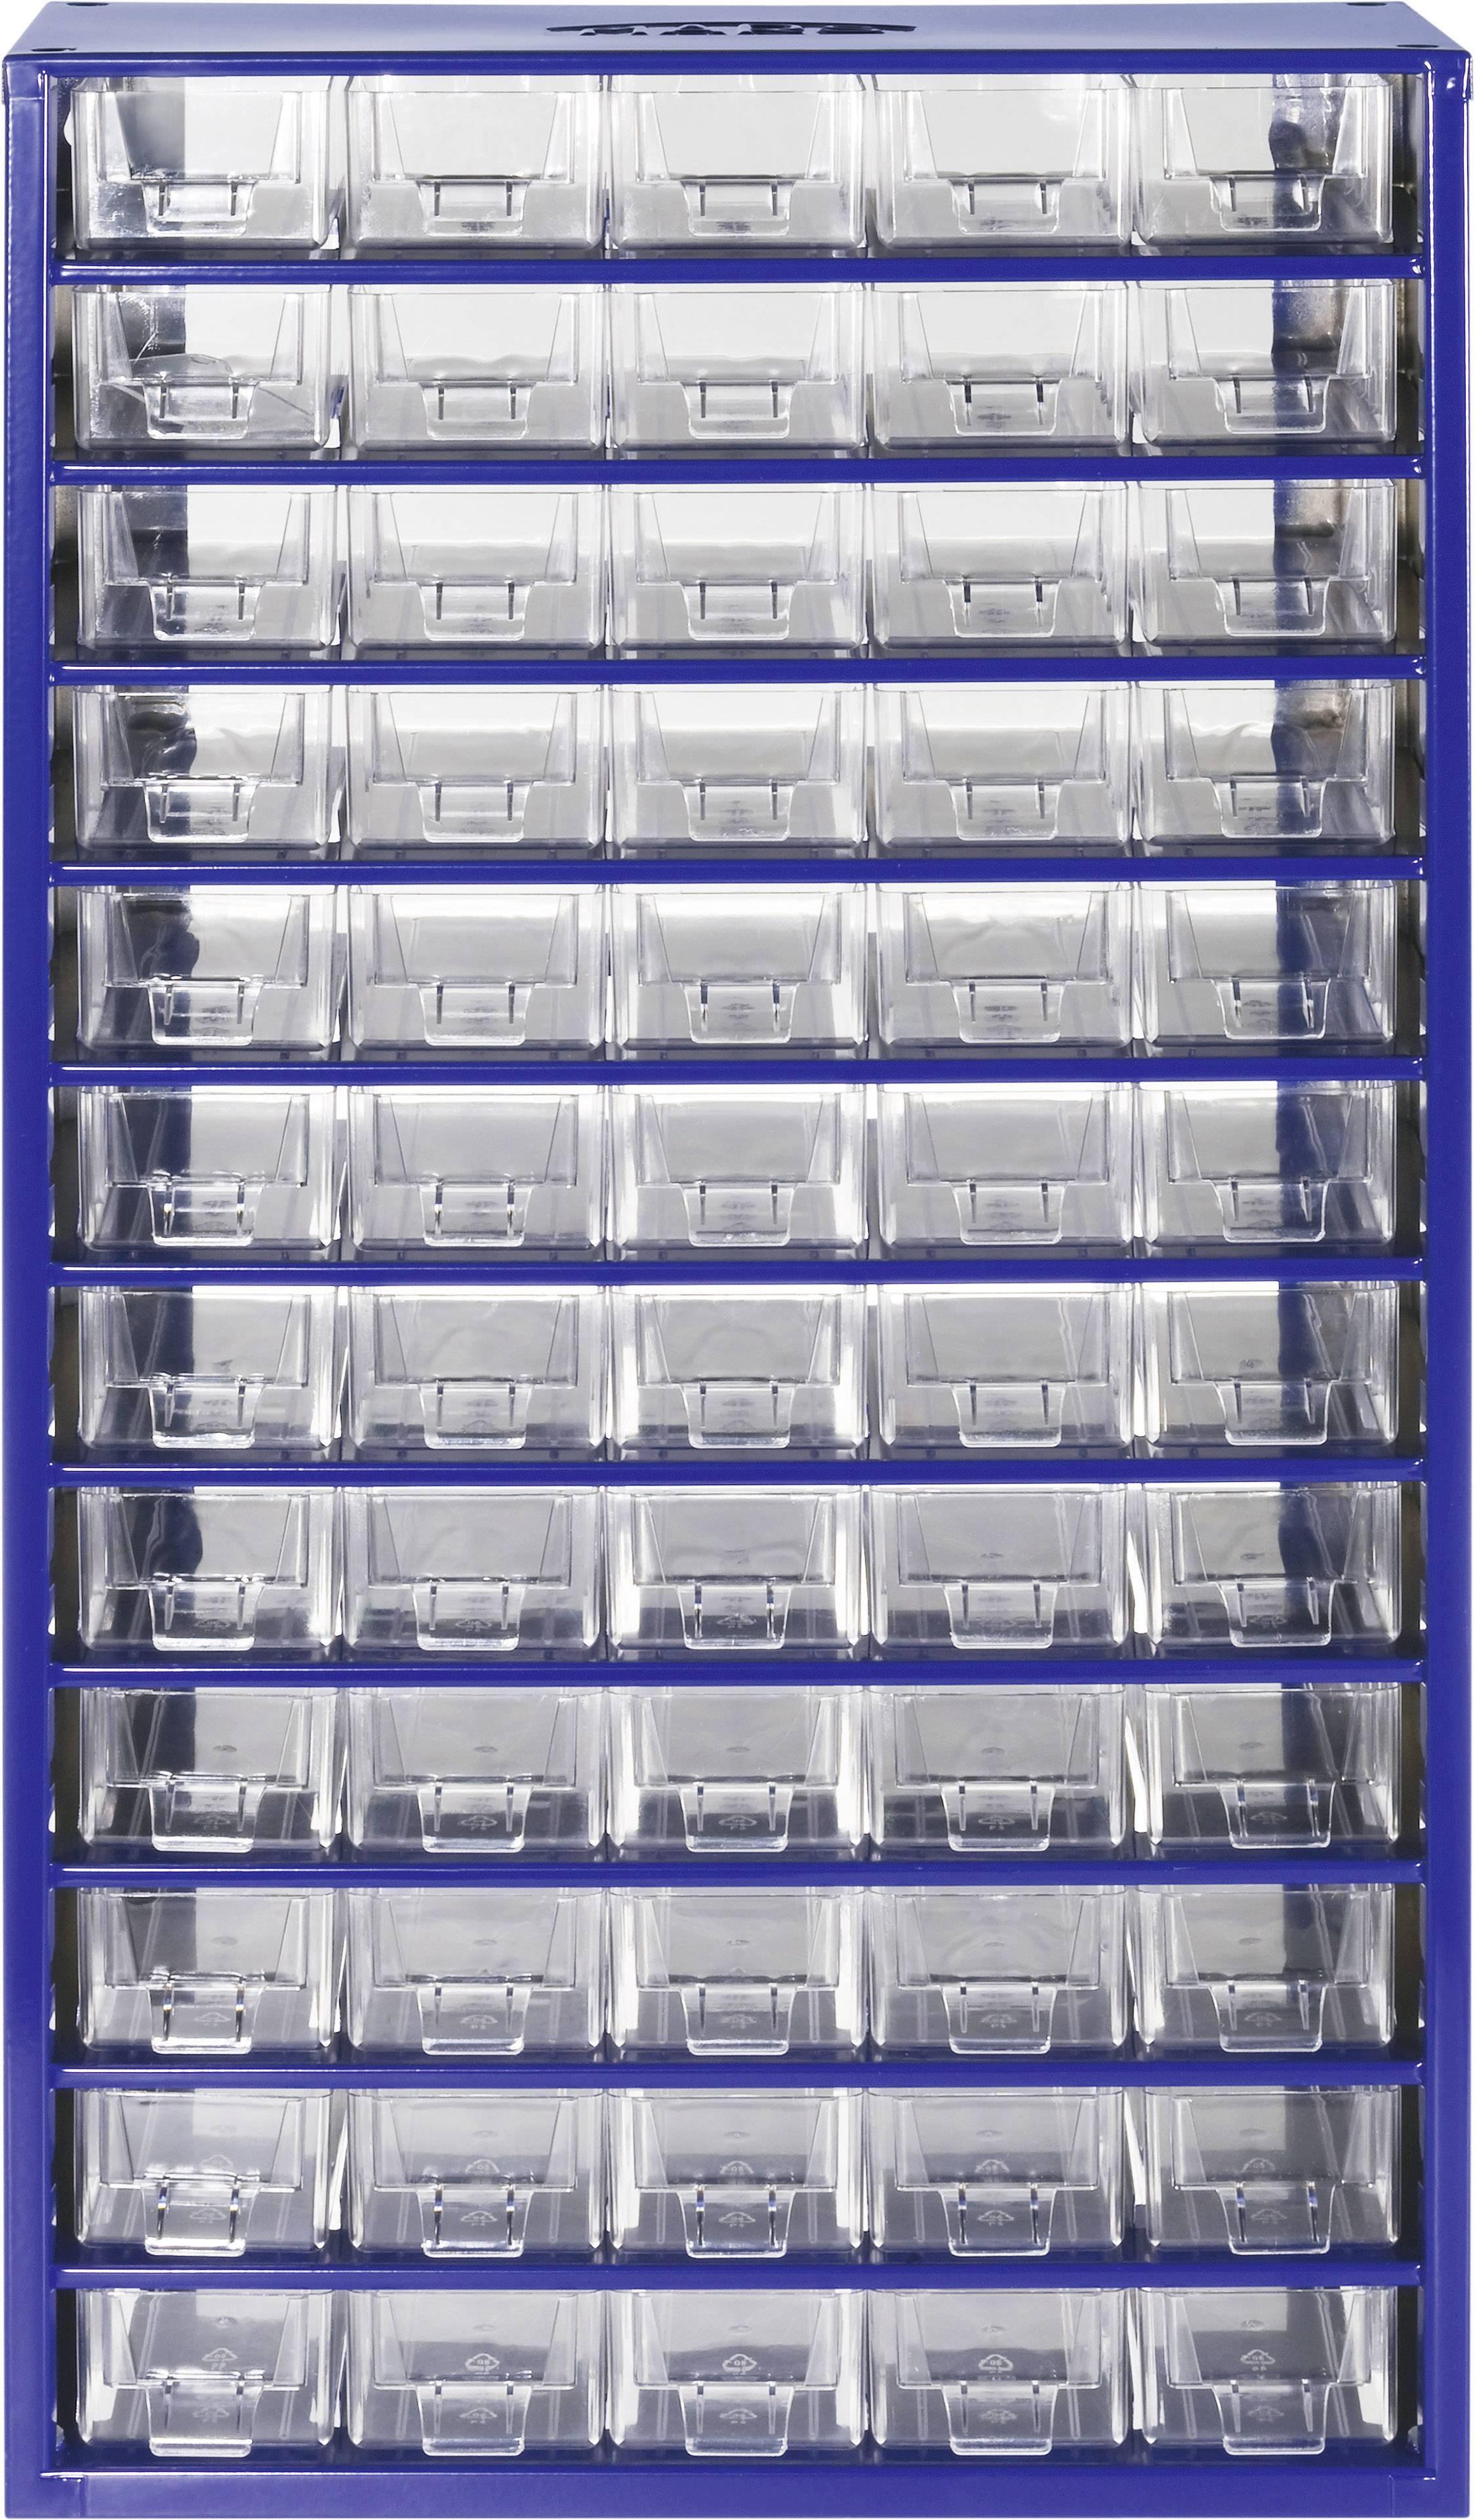 Cassettiere In Plastica Per Minuterie.Cassettiera Porta Minuteria L X L X A 307 X 155 X 551 Mm Numero